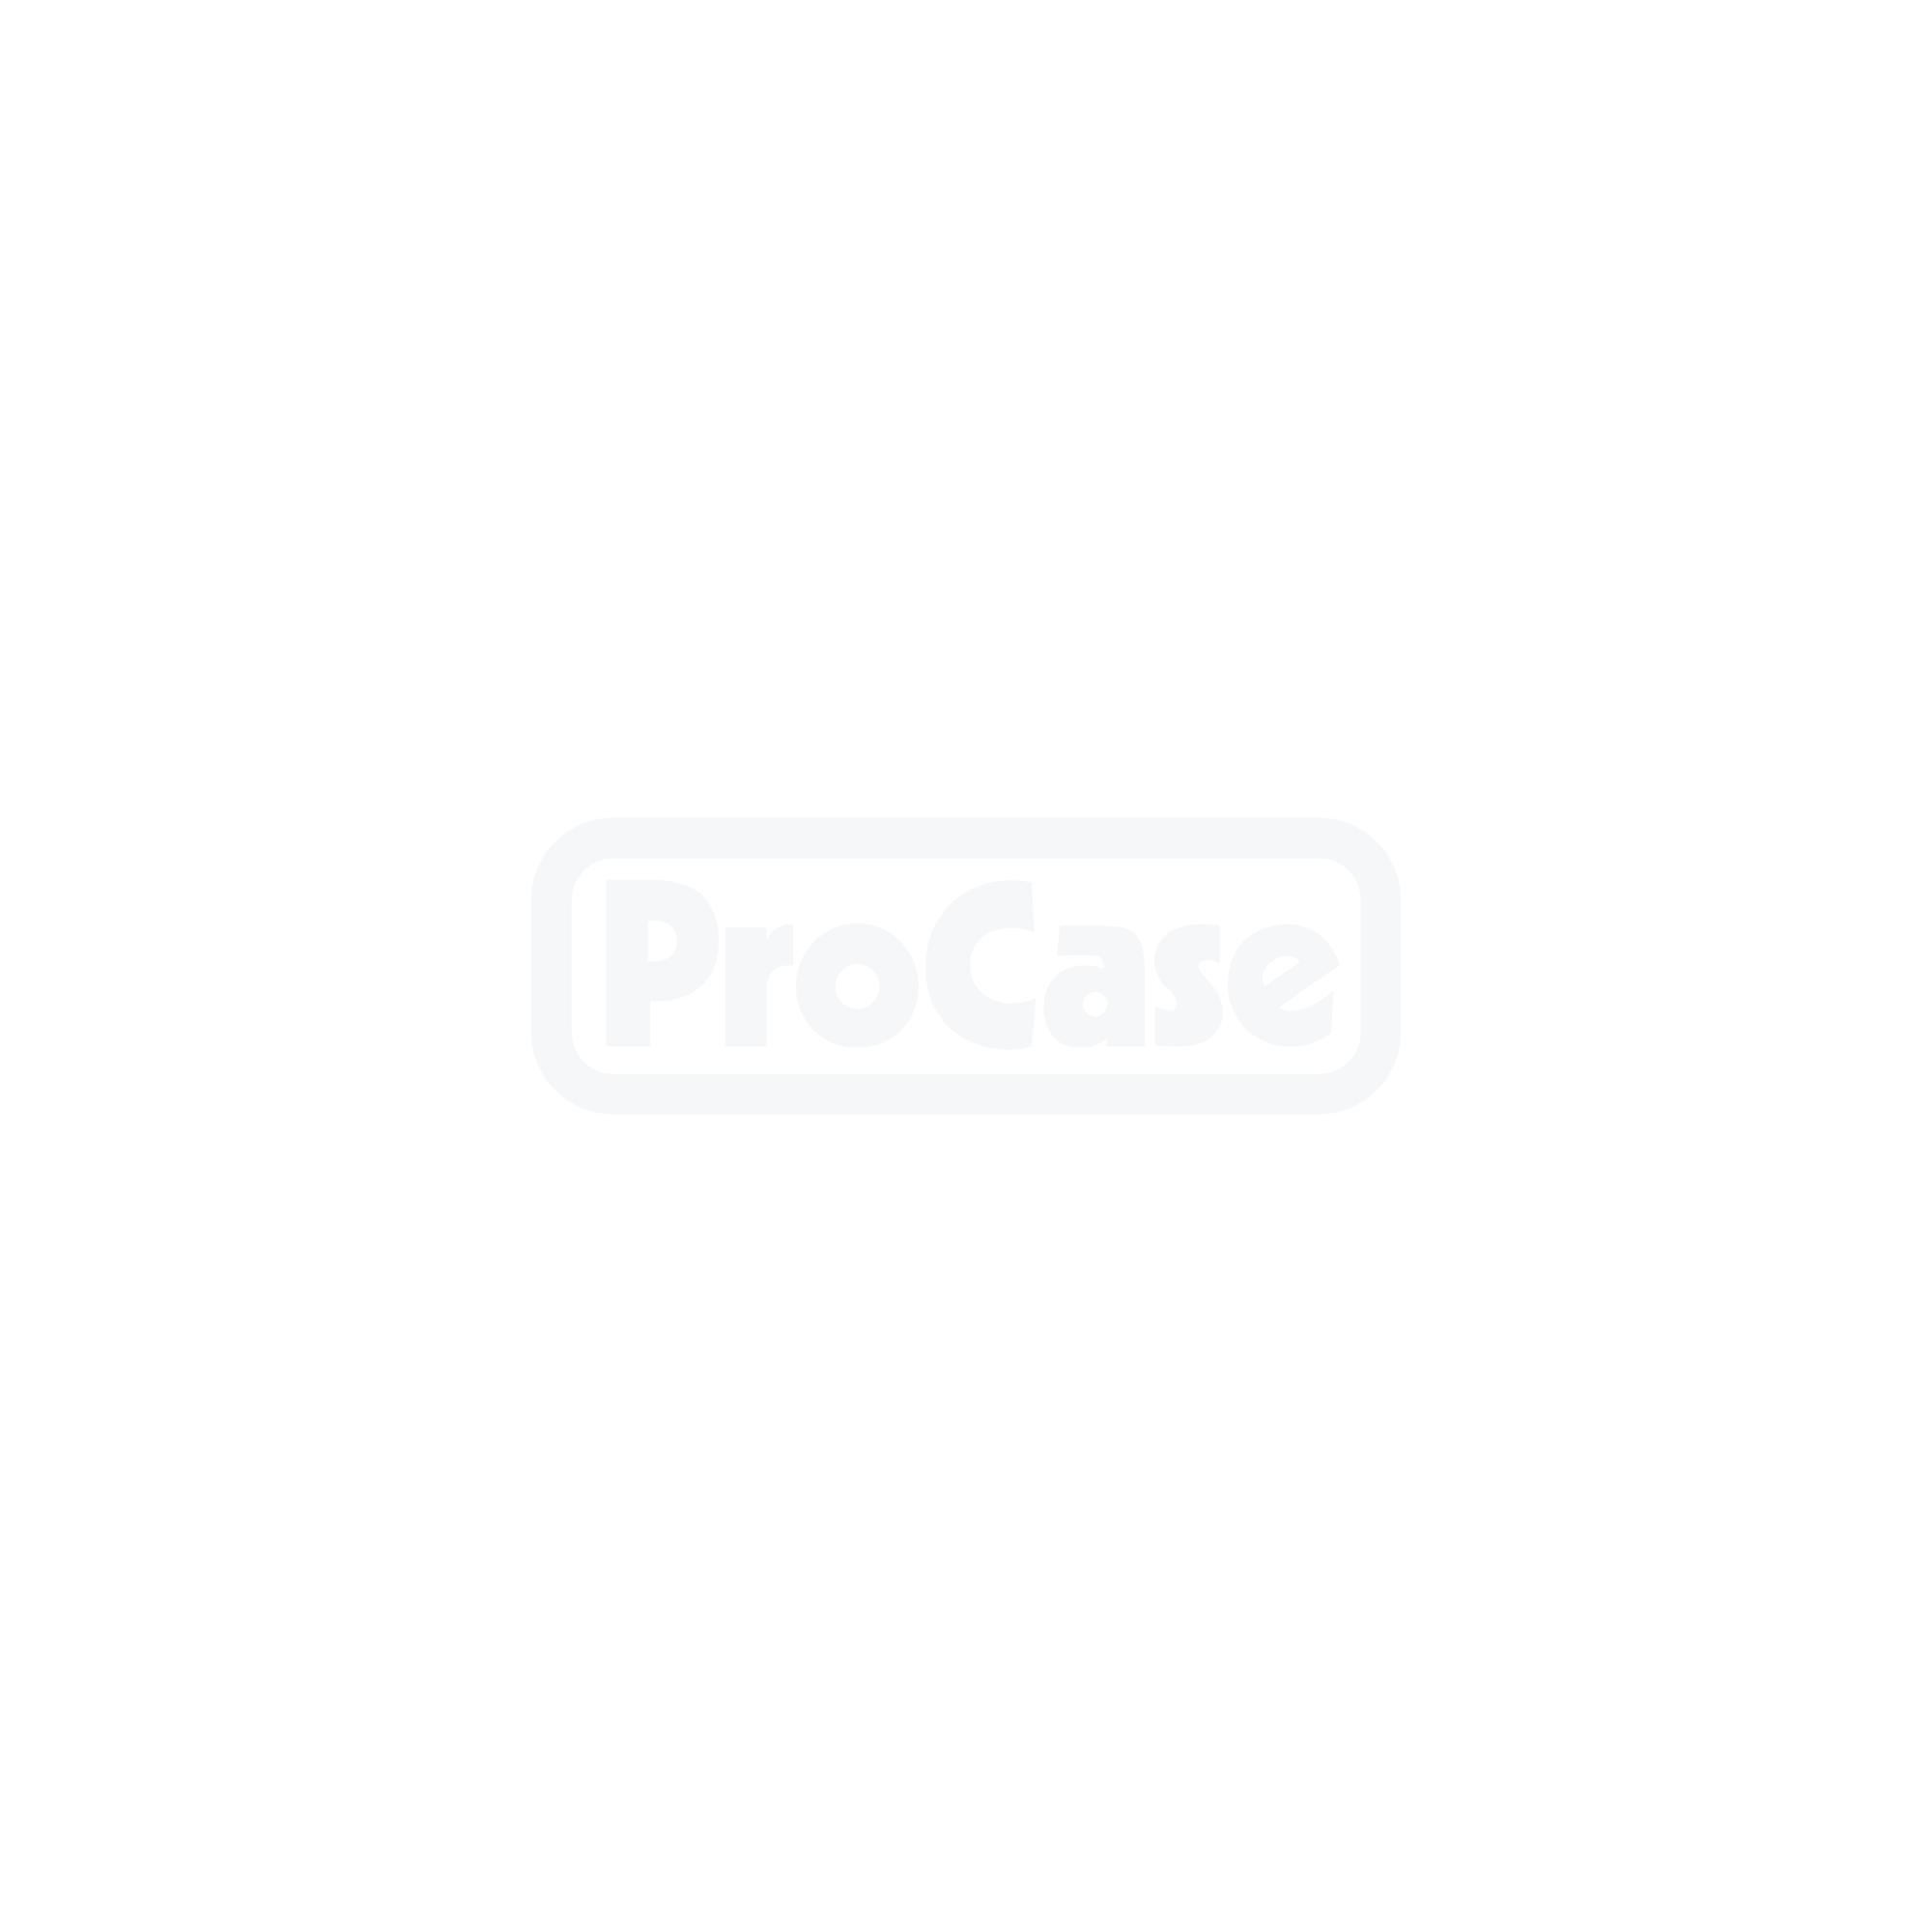 2HE Schubladeneinlage für 2 ew300 G3 Handsender + Taschensender